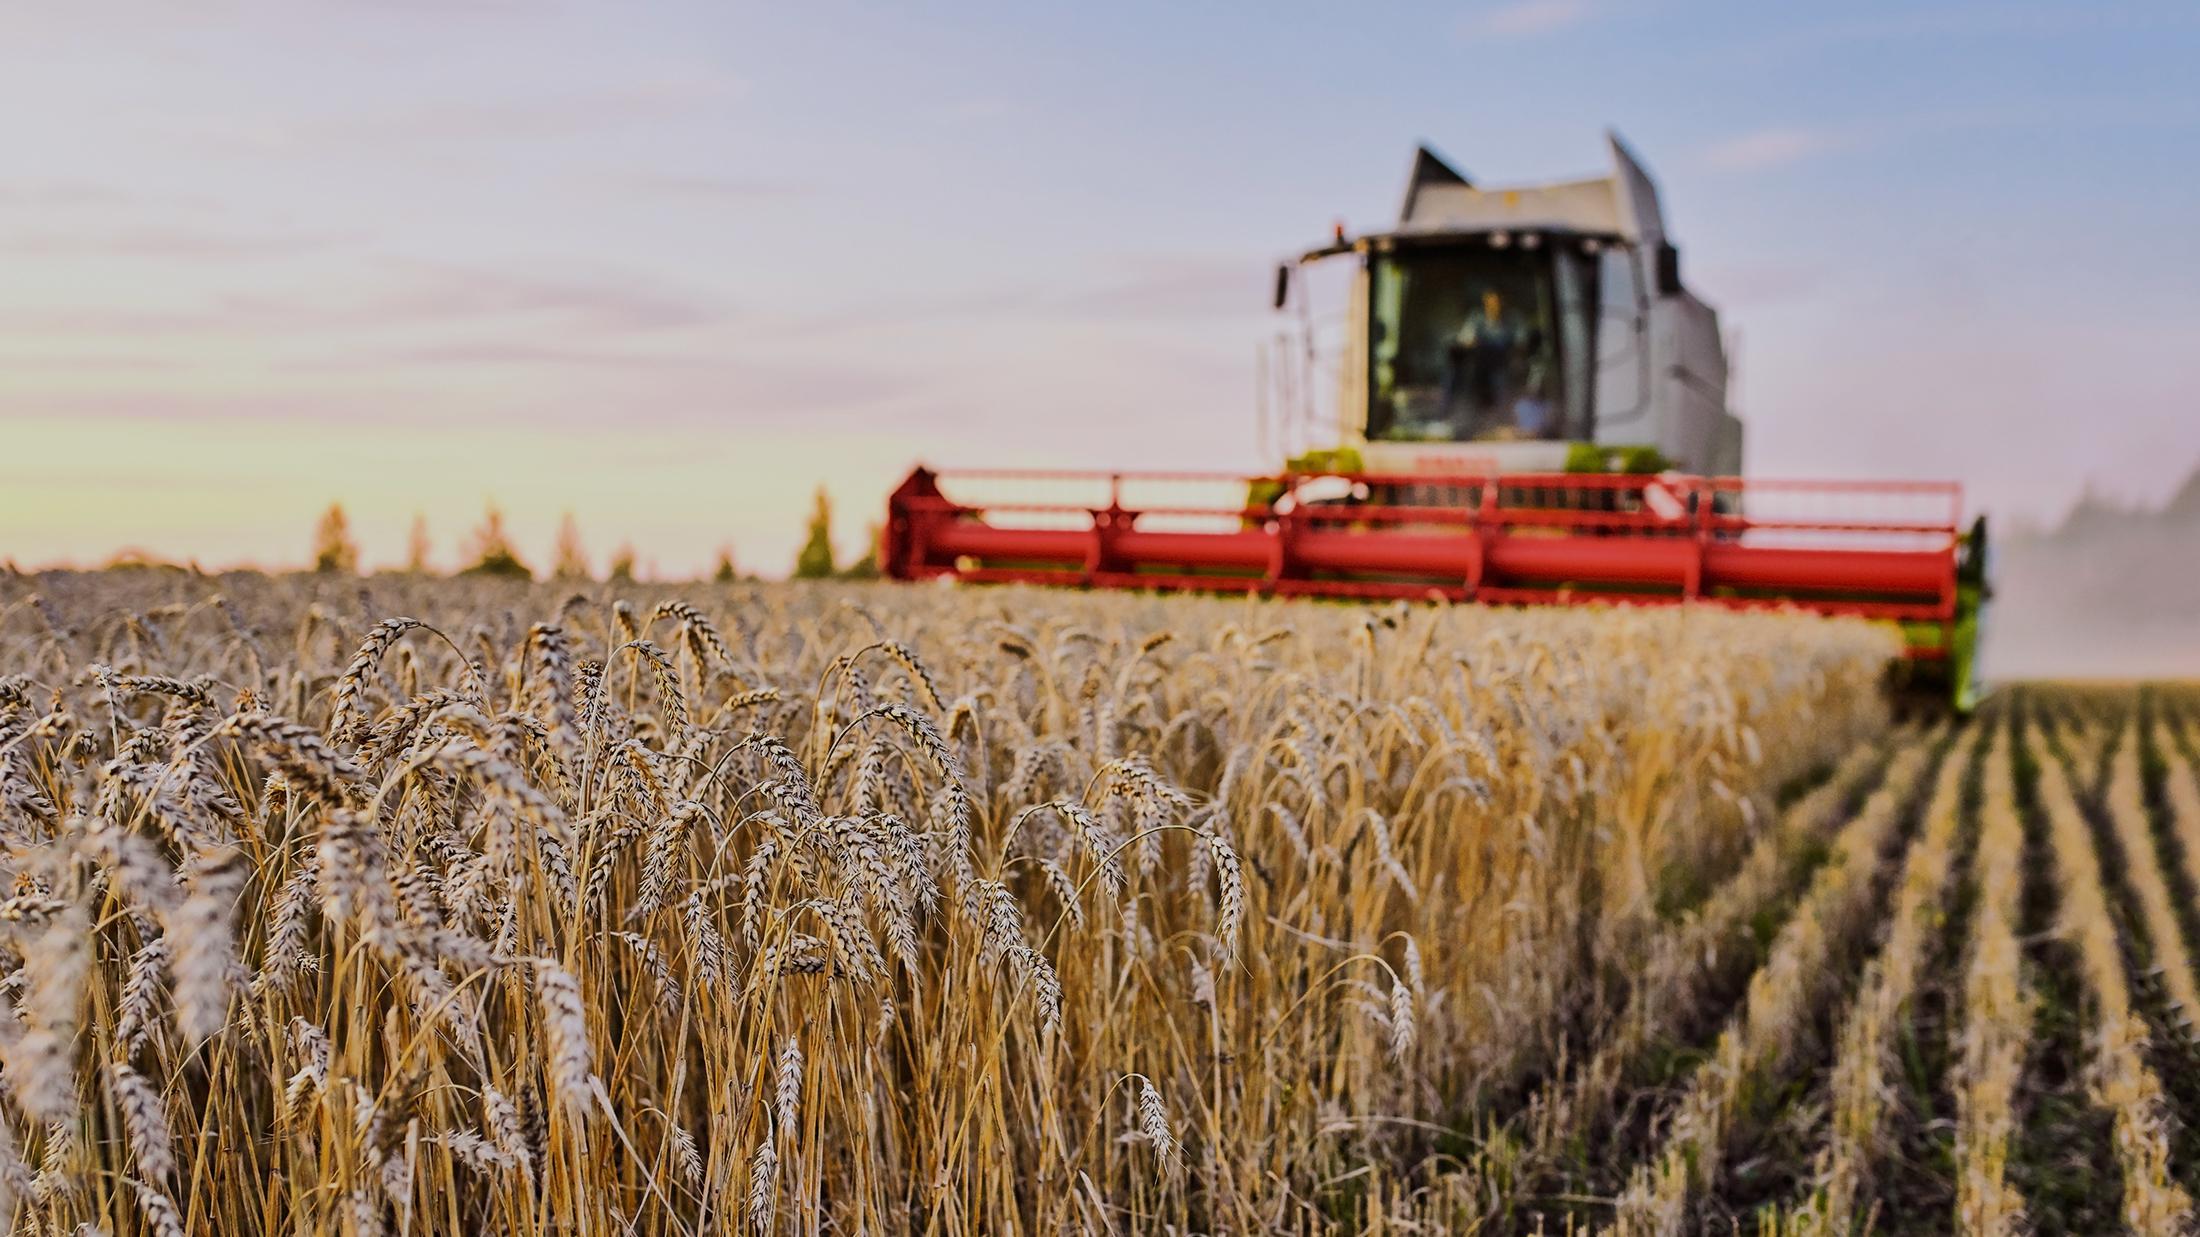 Зерновая сверхдержава. Россия заработала на пшенице больше, чем на оружии